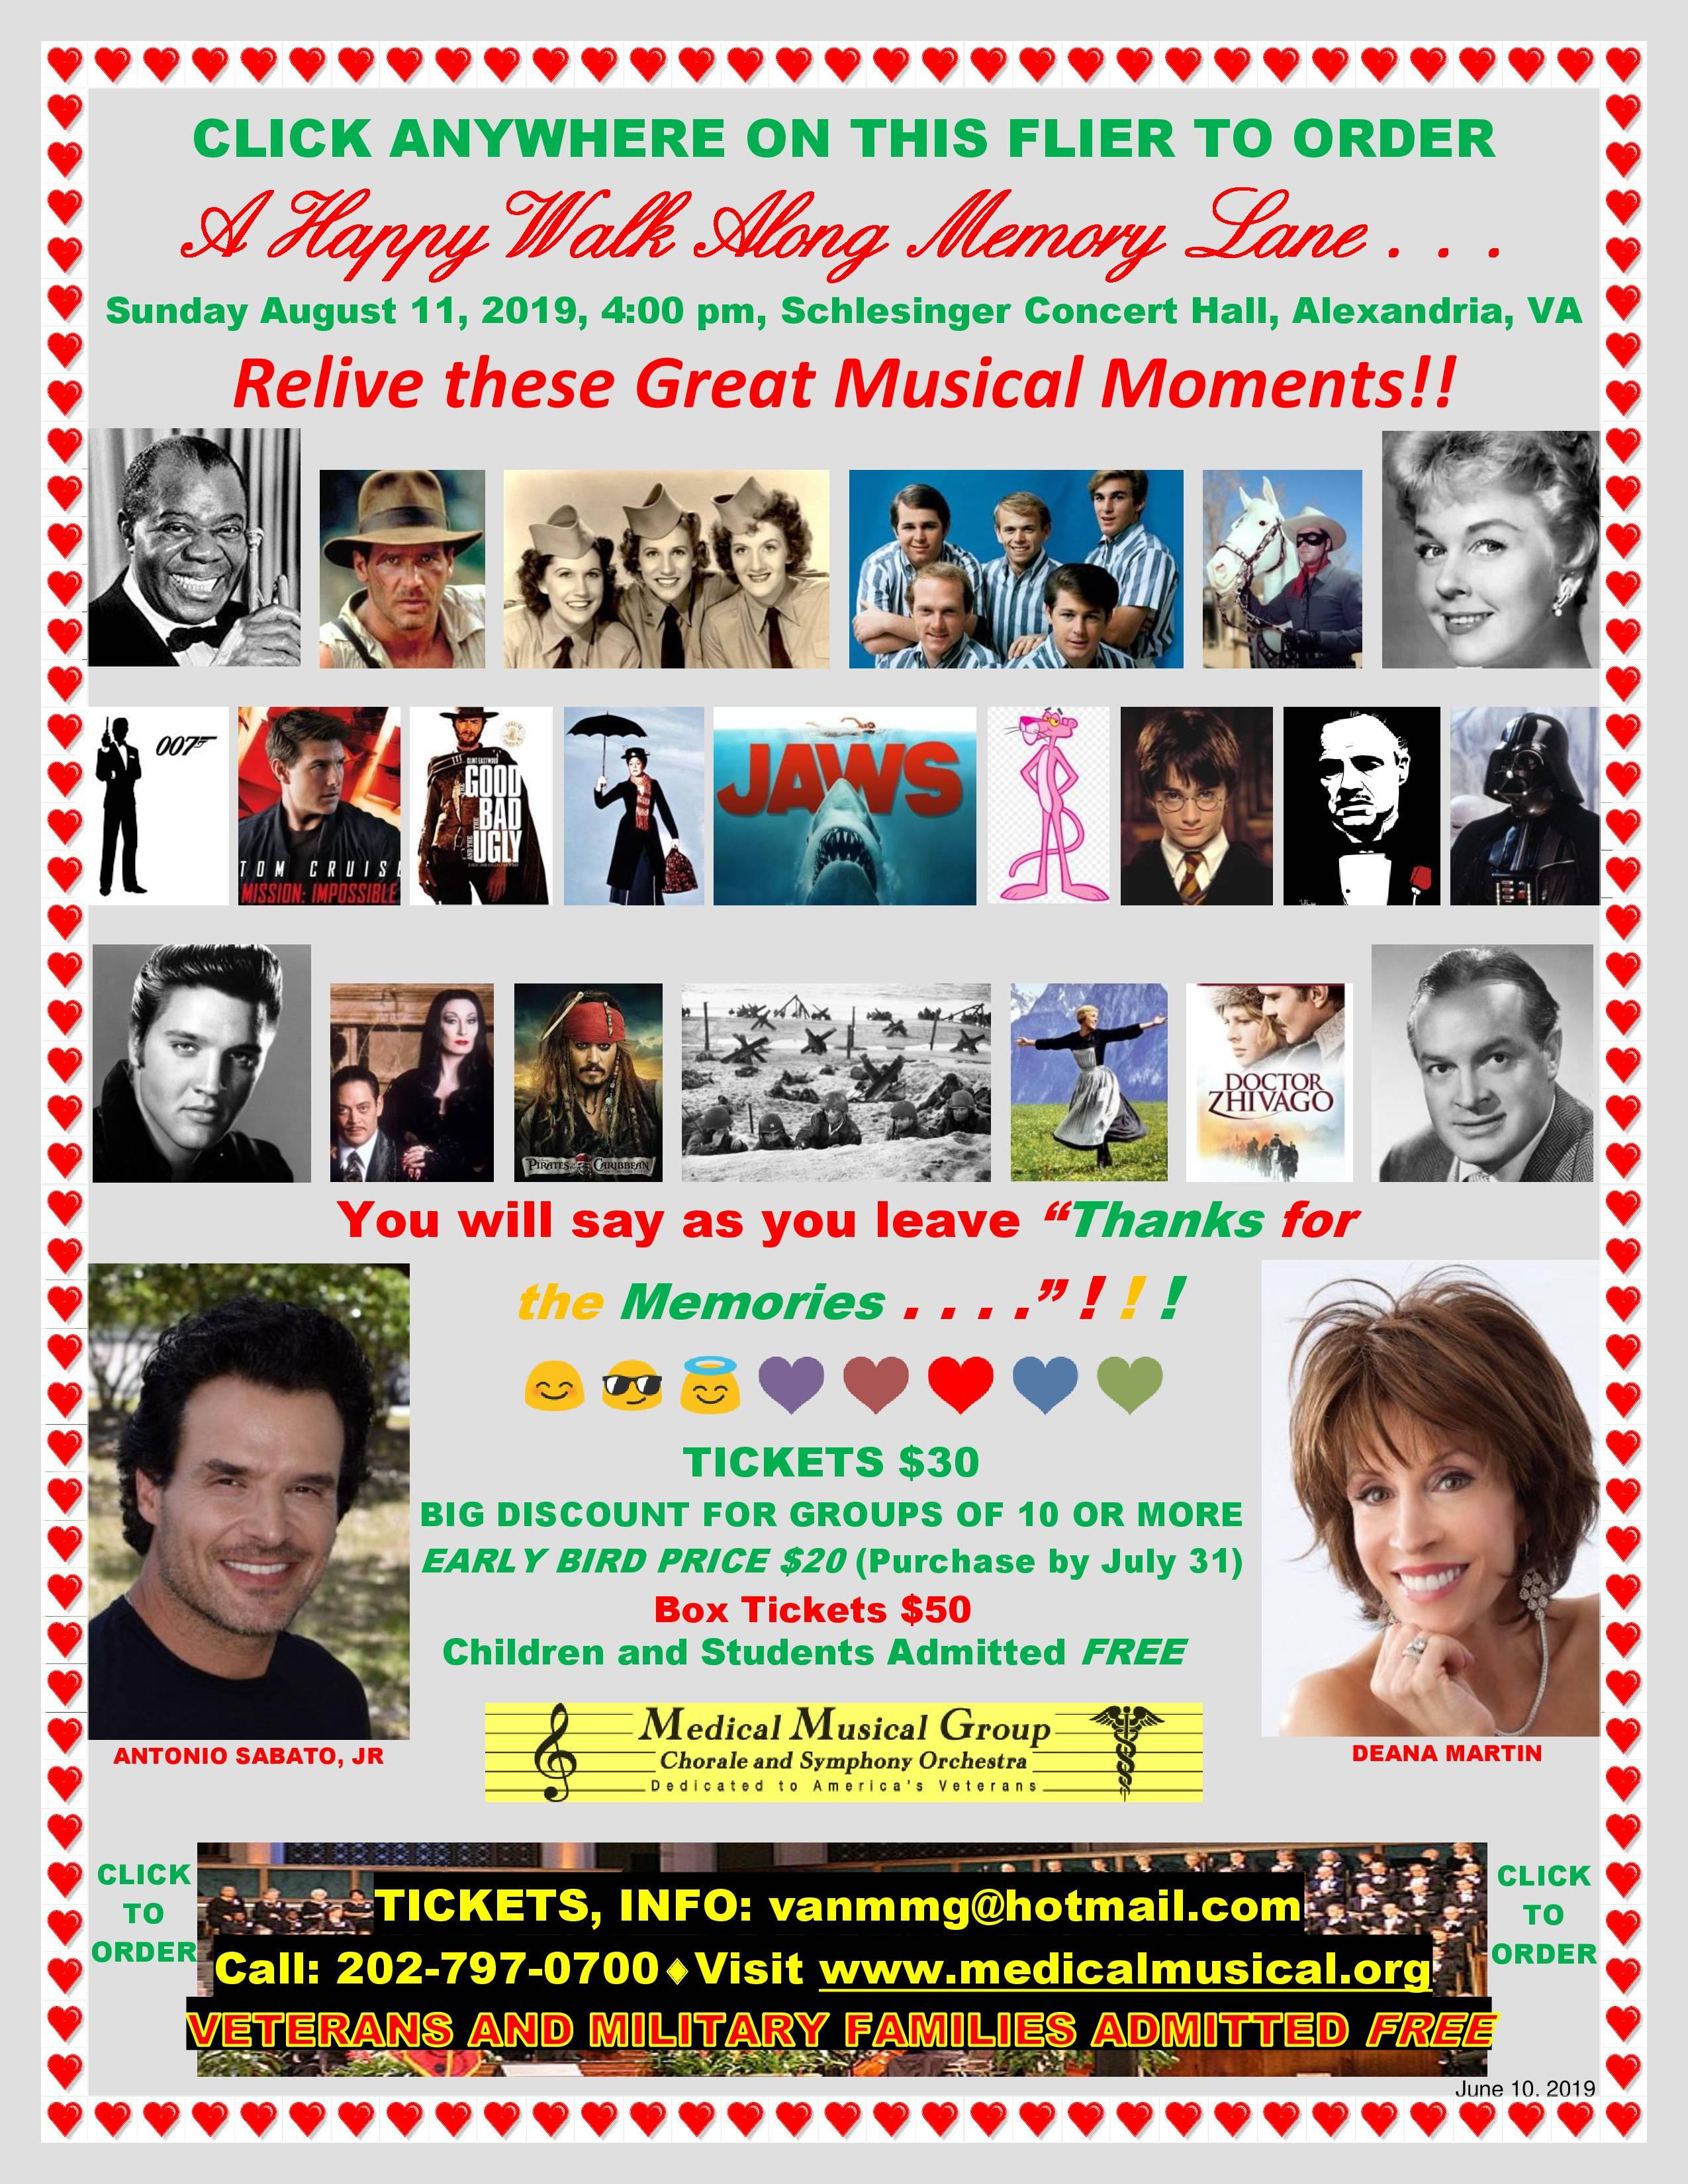 2019 Medical Musical Group Concert Flier